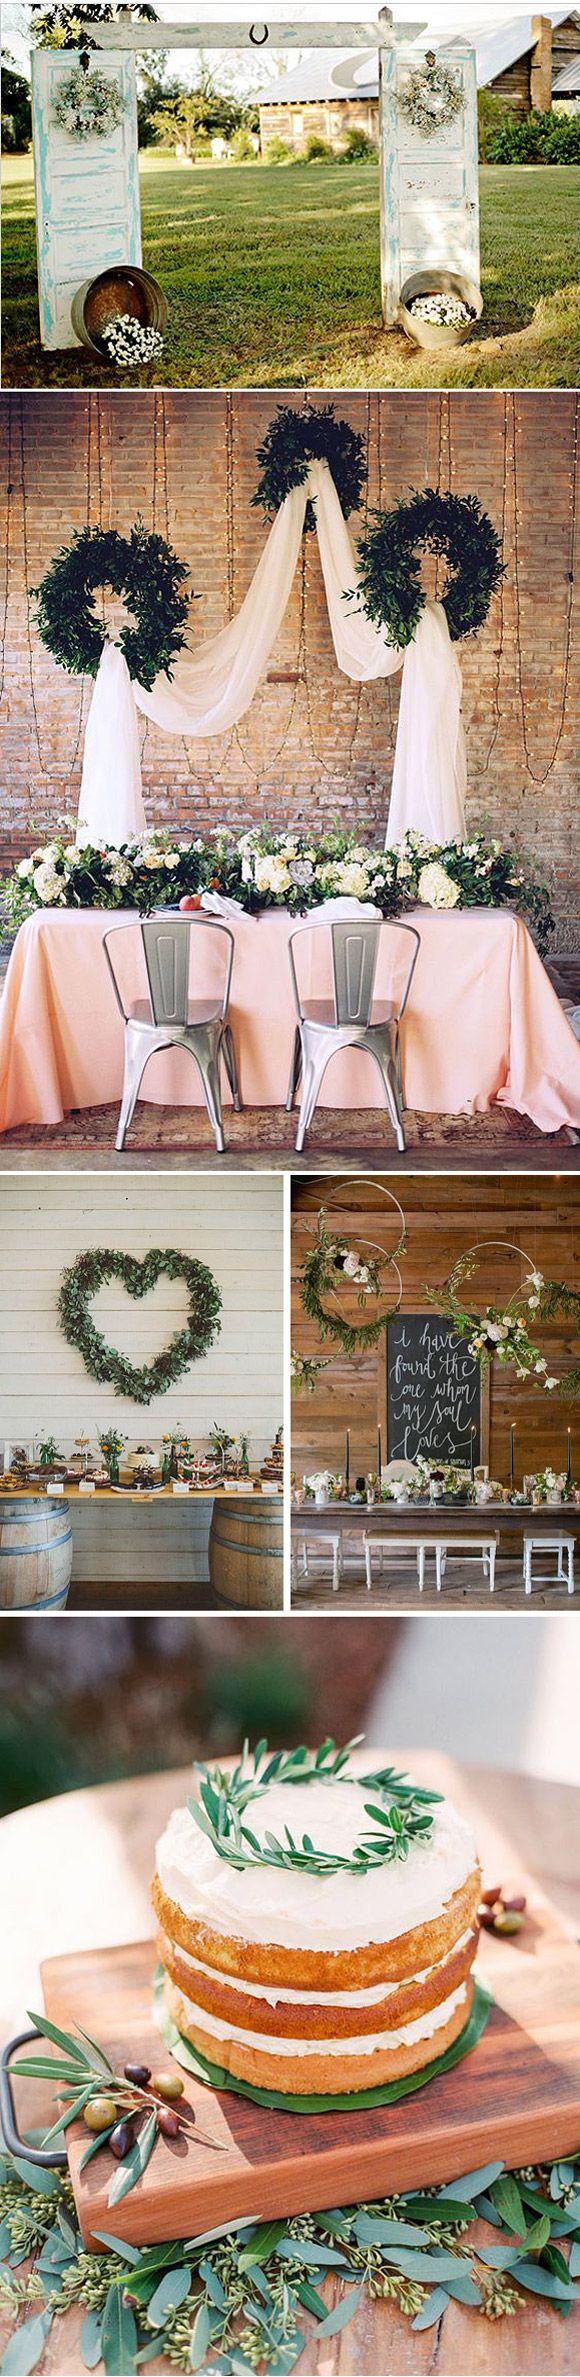 ideas-decoracion-bodas-con-coronas-01.jpg (580×2377)